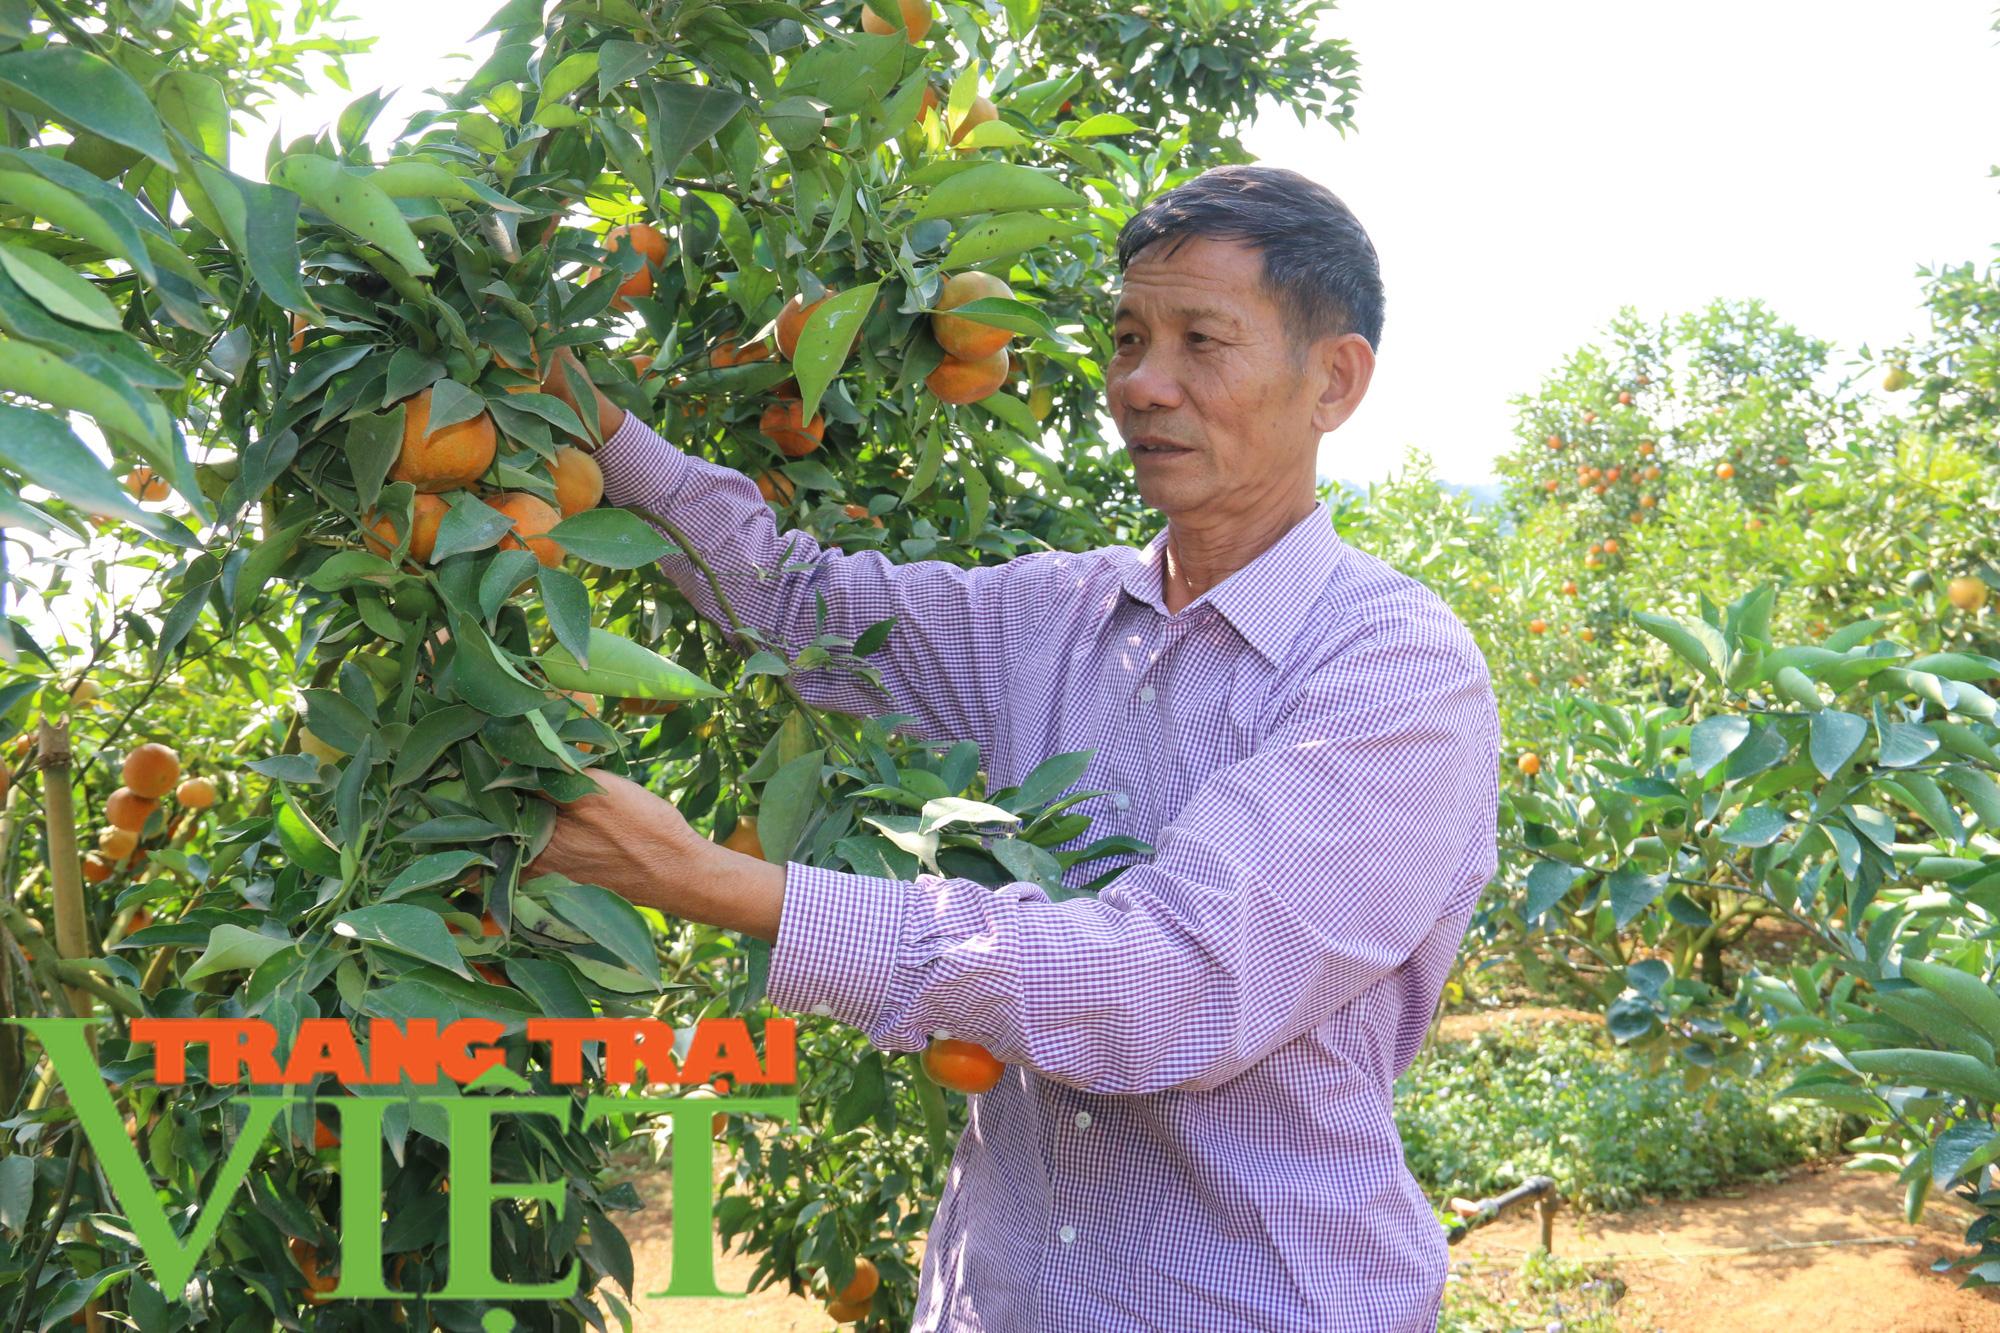 Hội Nông dân tỉnh Sơn La thi đua sản xuất kinh doanh giỏi - Ảnh 2.